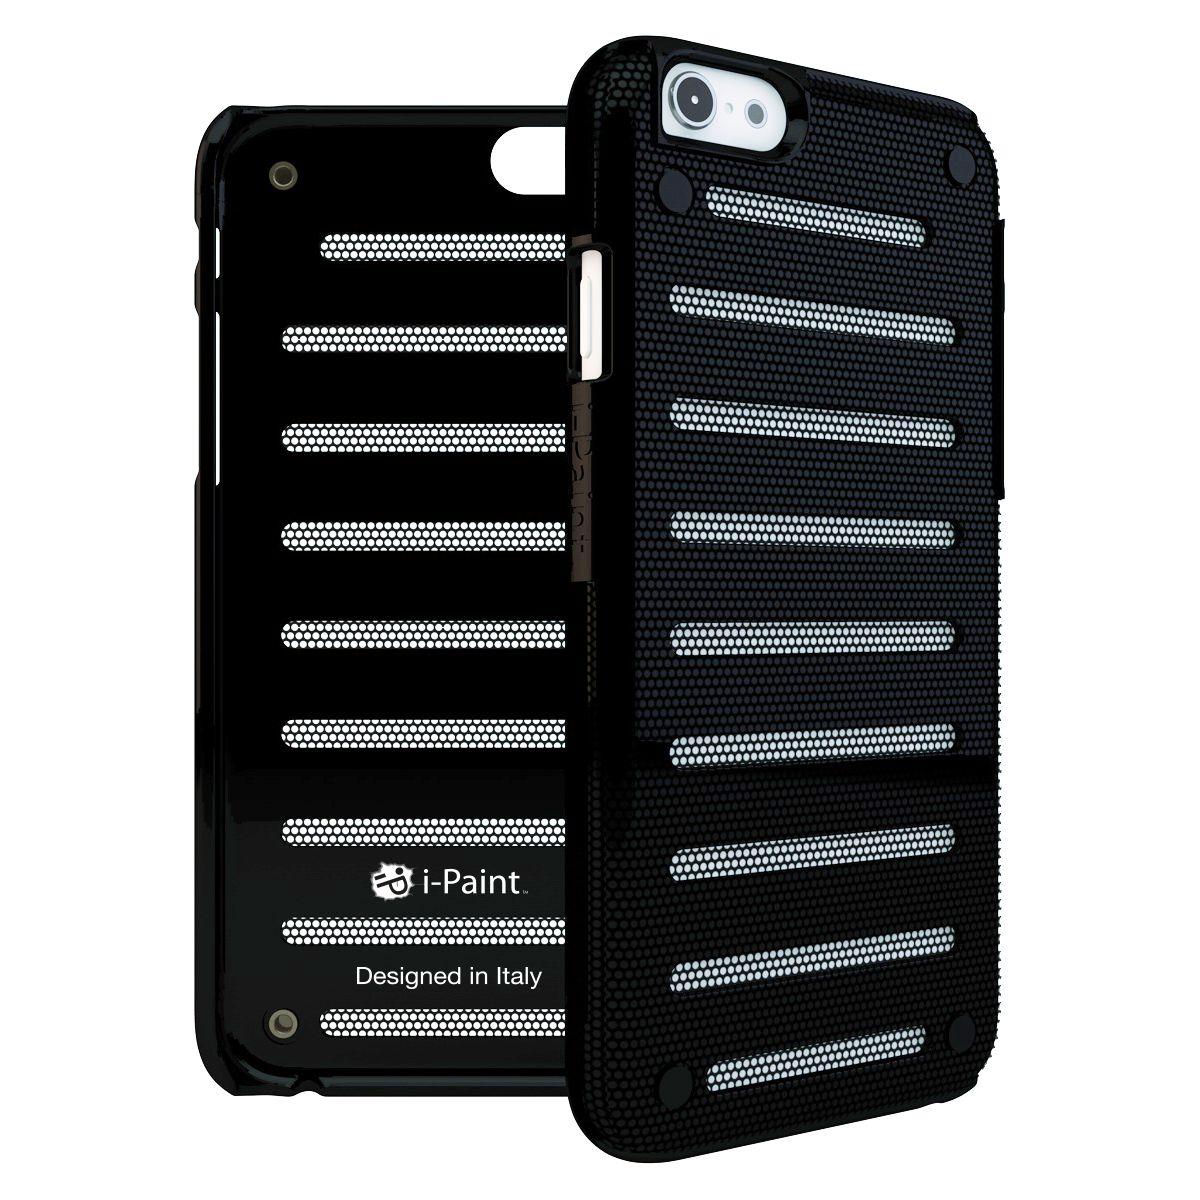 Coque IPAINT iPhone 6/6s noir